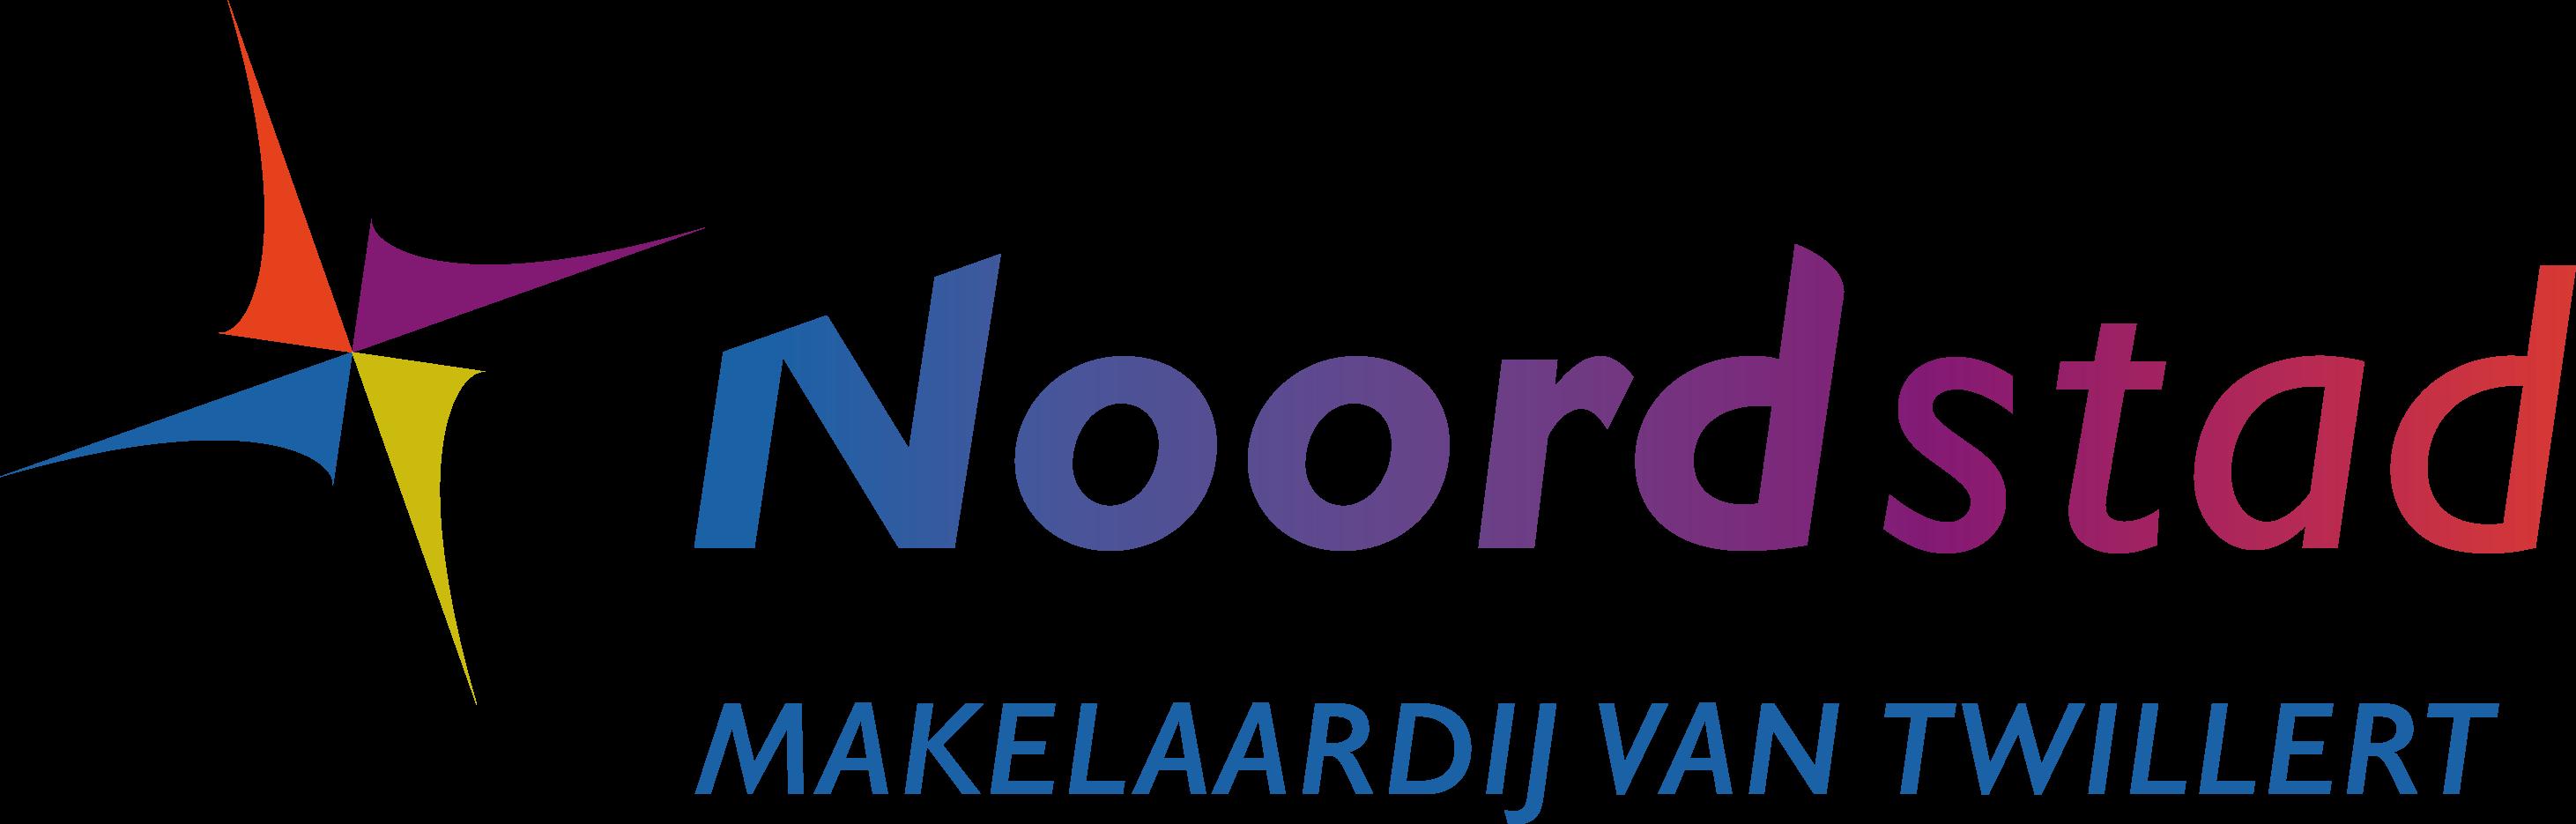 Logo Noordstad makelaardij van Twillert